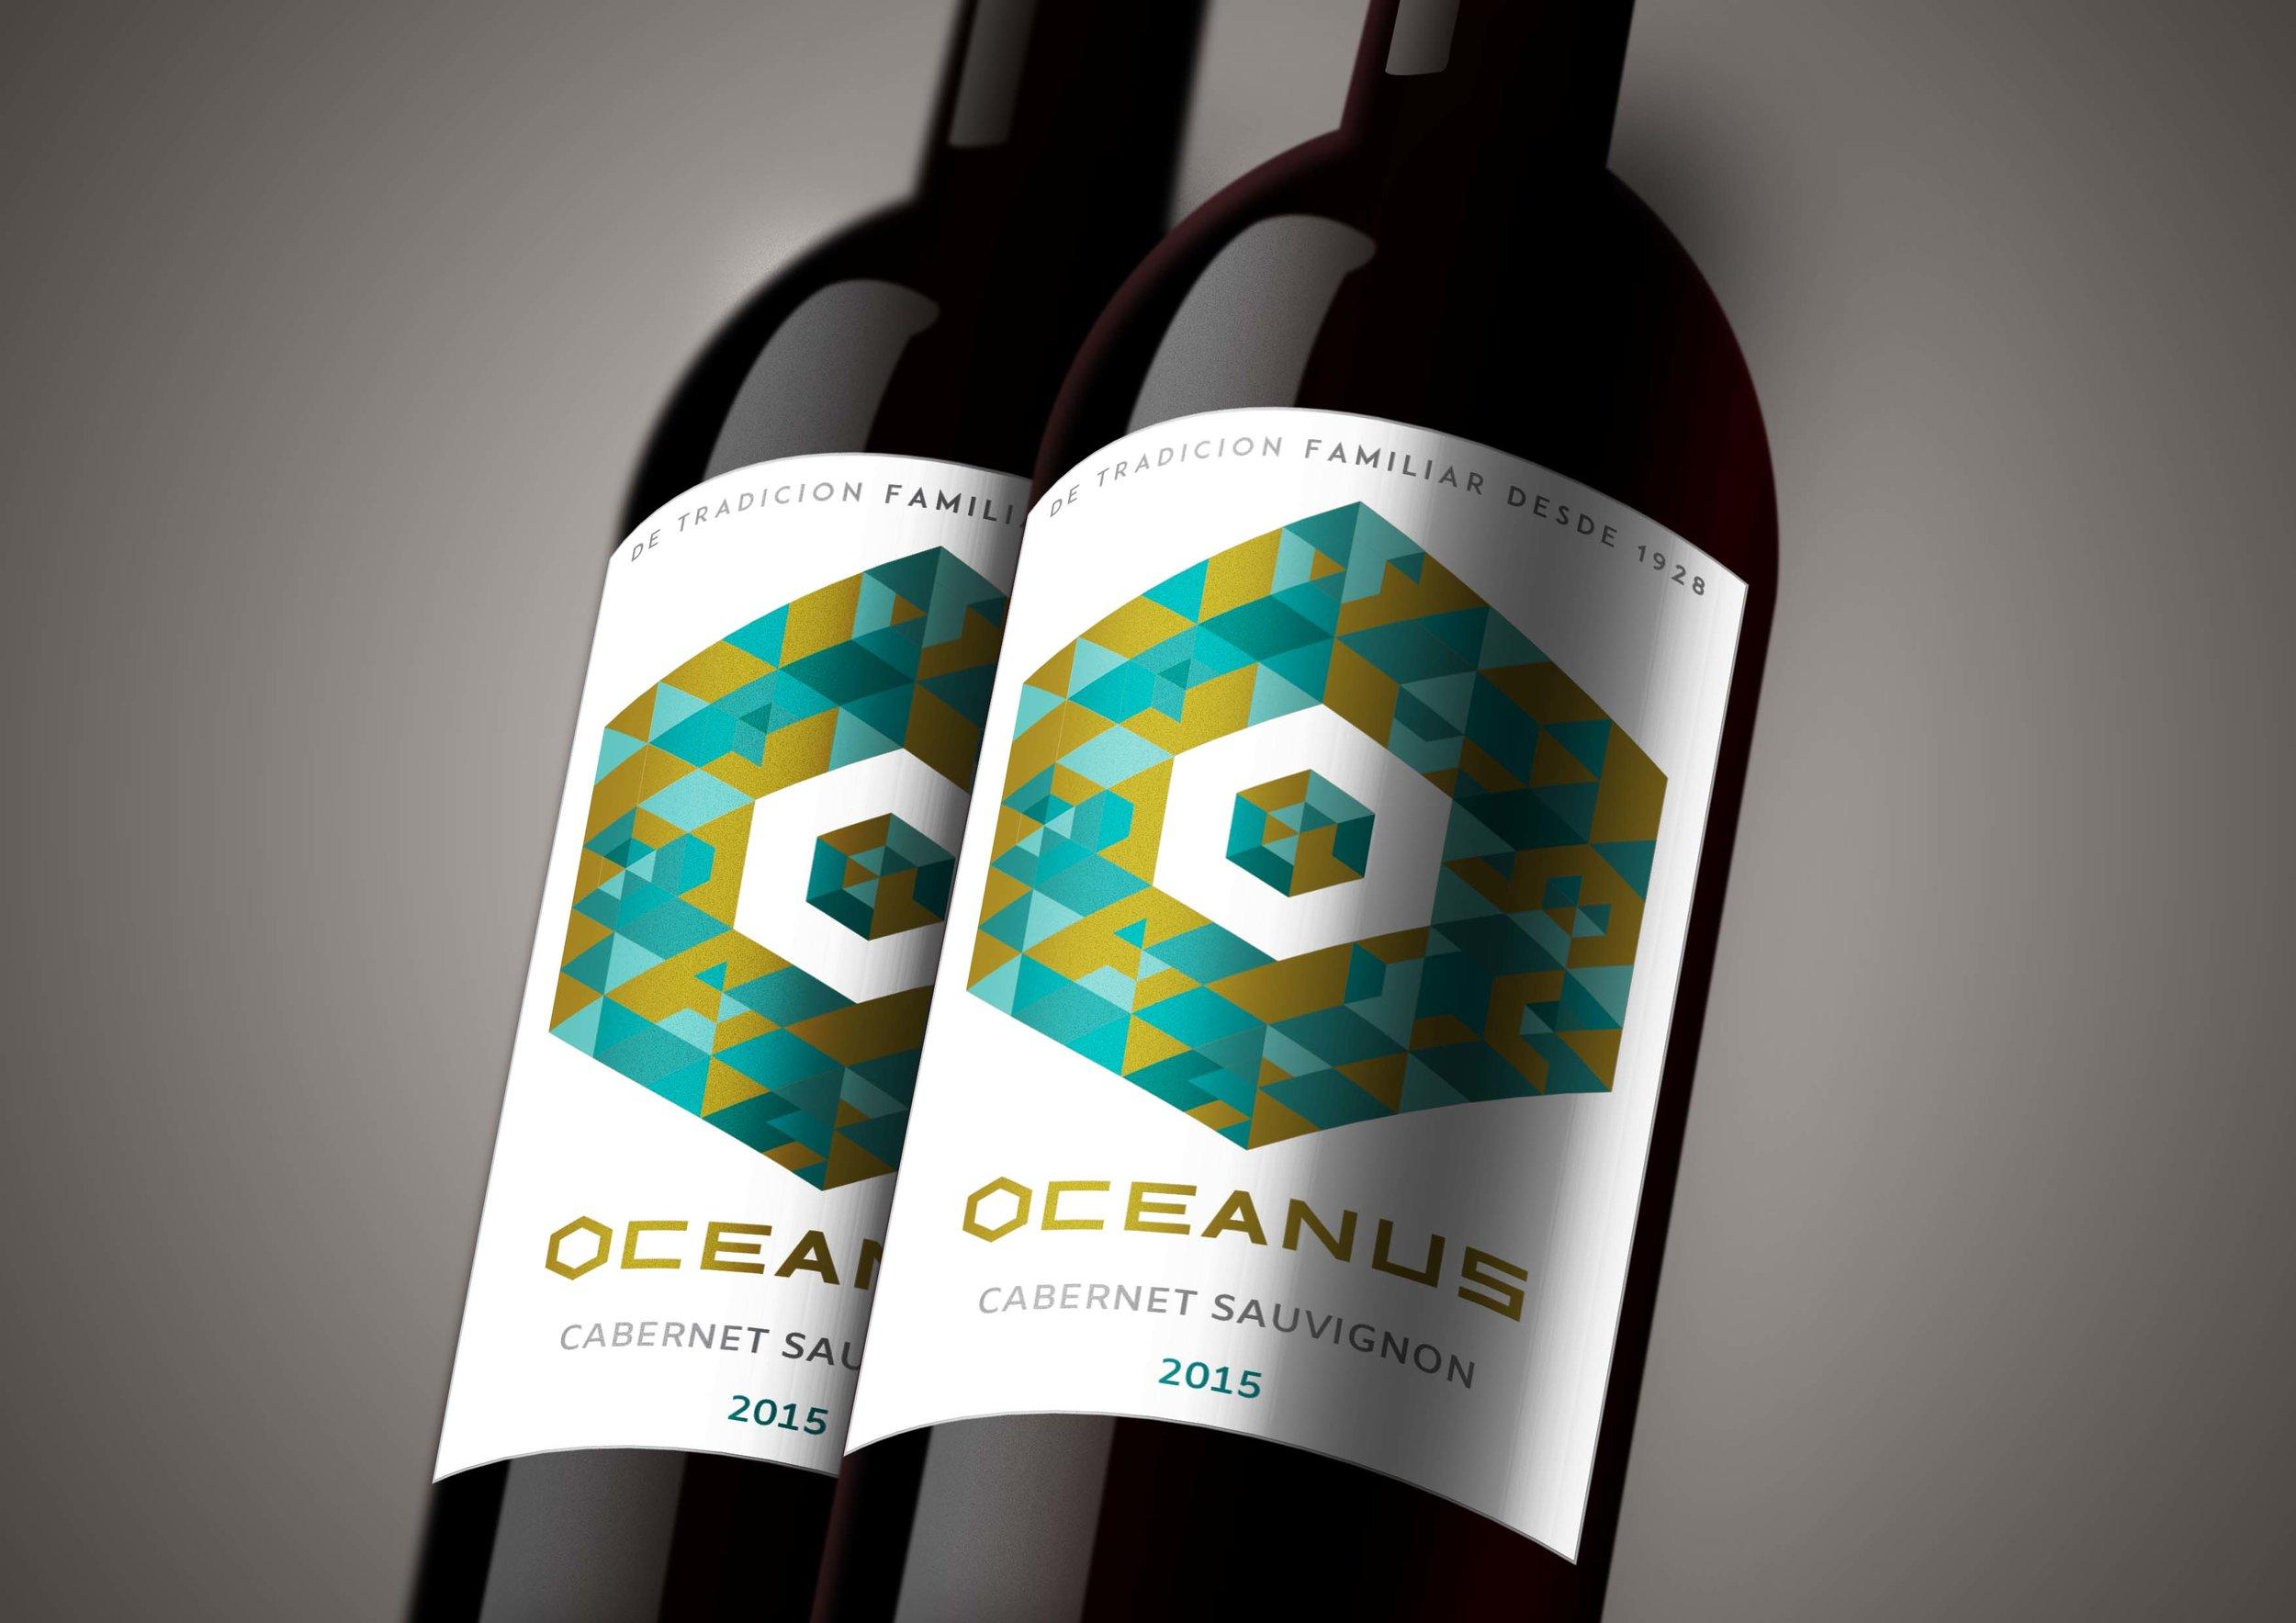 Oceanus 2 Bottle Shot Mock Up.jpg